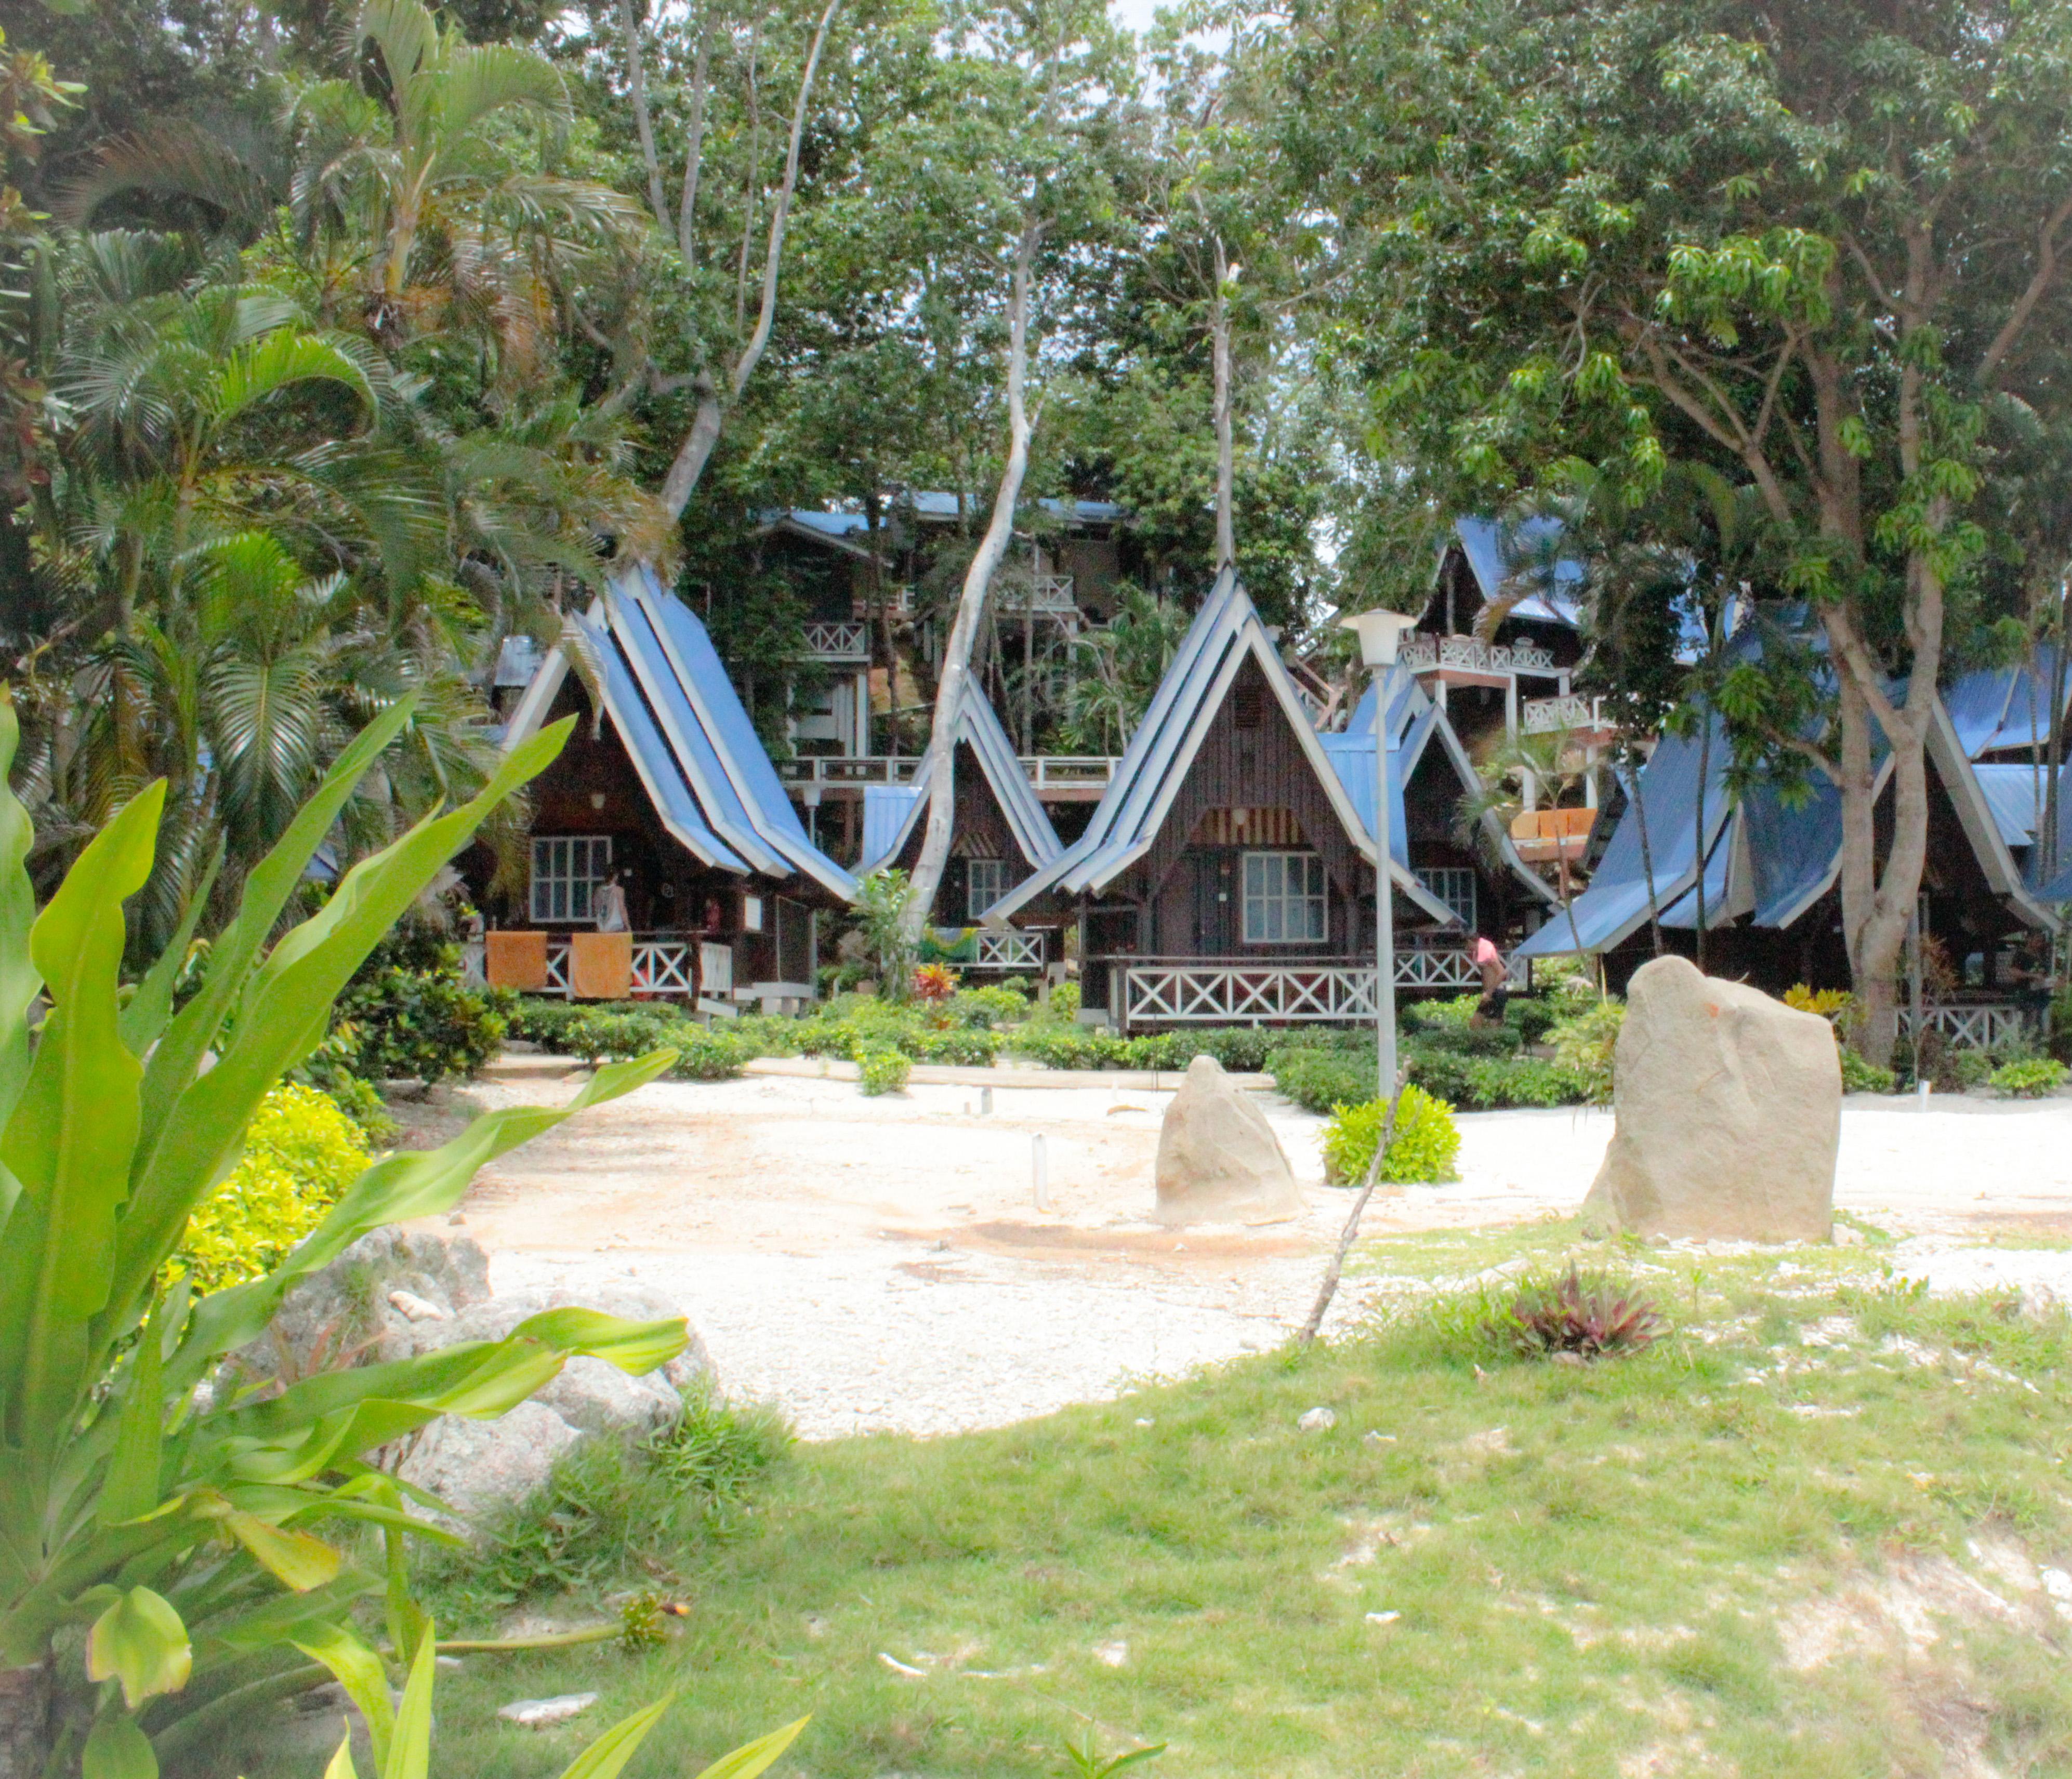 Image du chalet du Coral View Island Resort